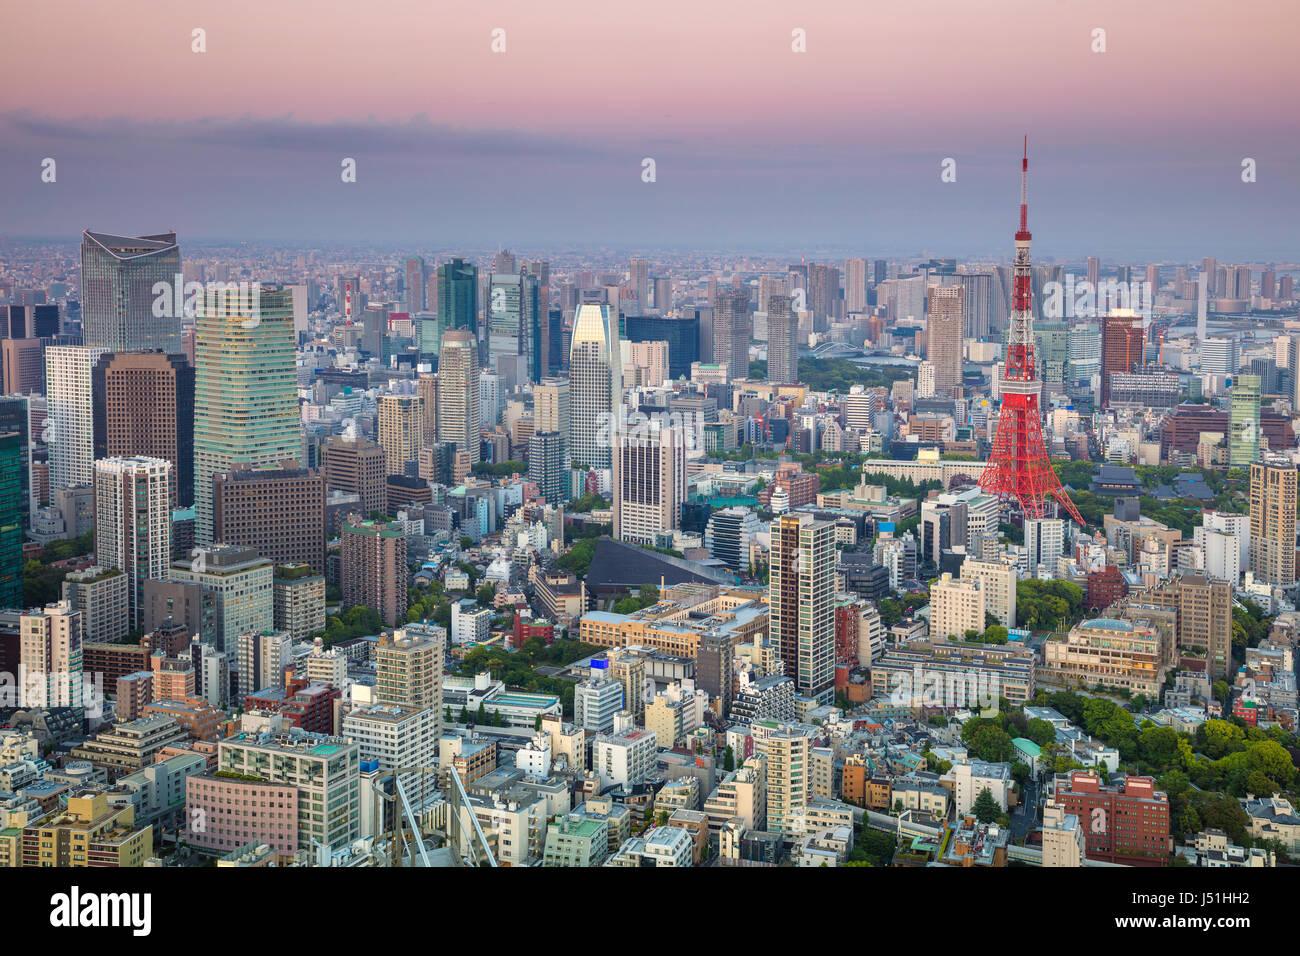 Imagen del paisaje urbano de Tokyo, Japón durante la puesta de sol Imagen De Stock